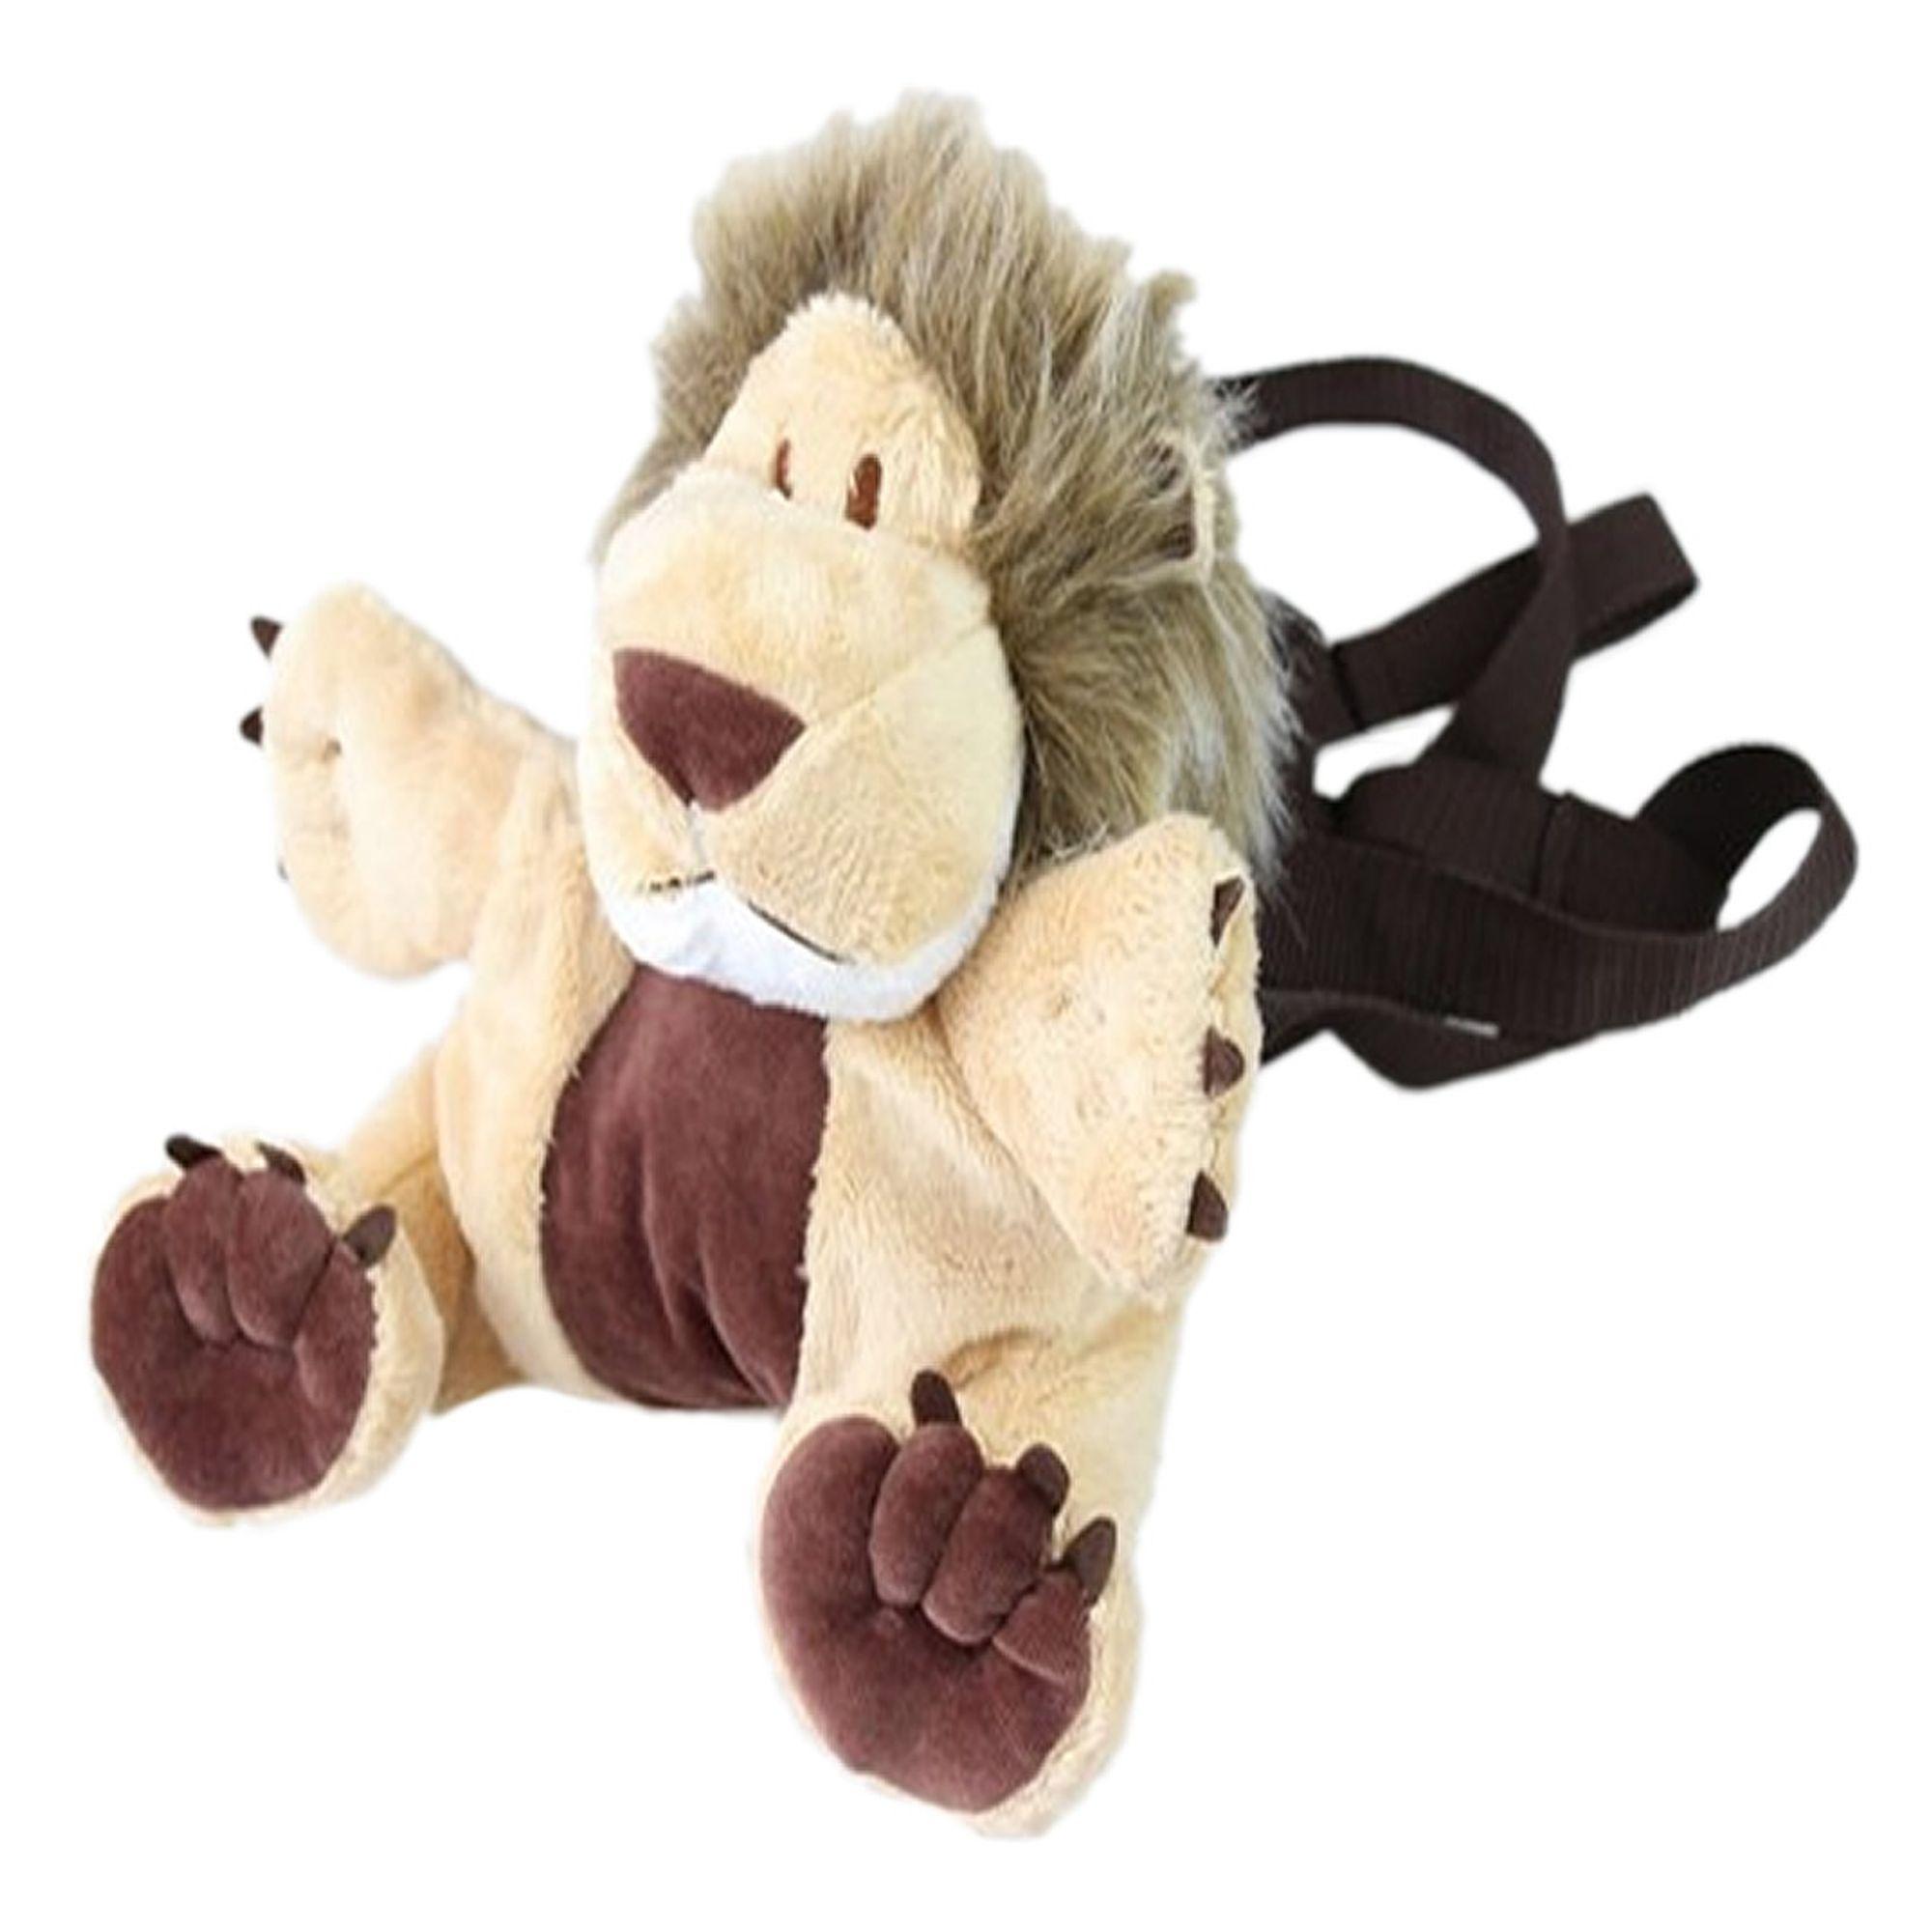 mochila-com-alca-guia-leao-rodolfo-zip-toys